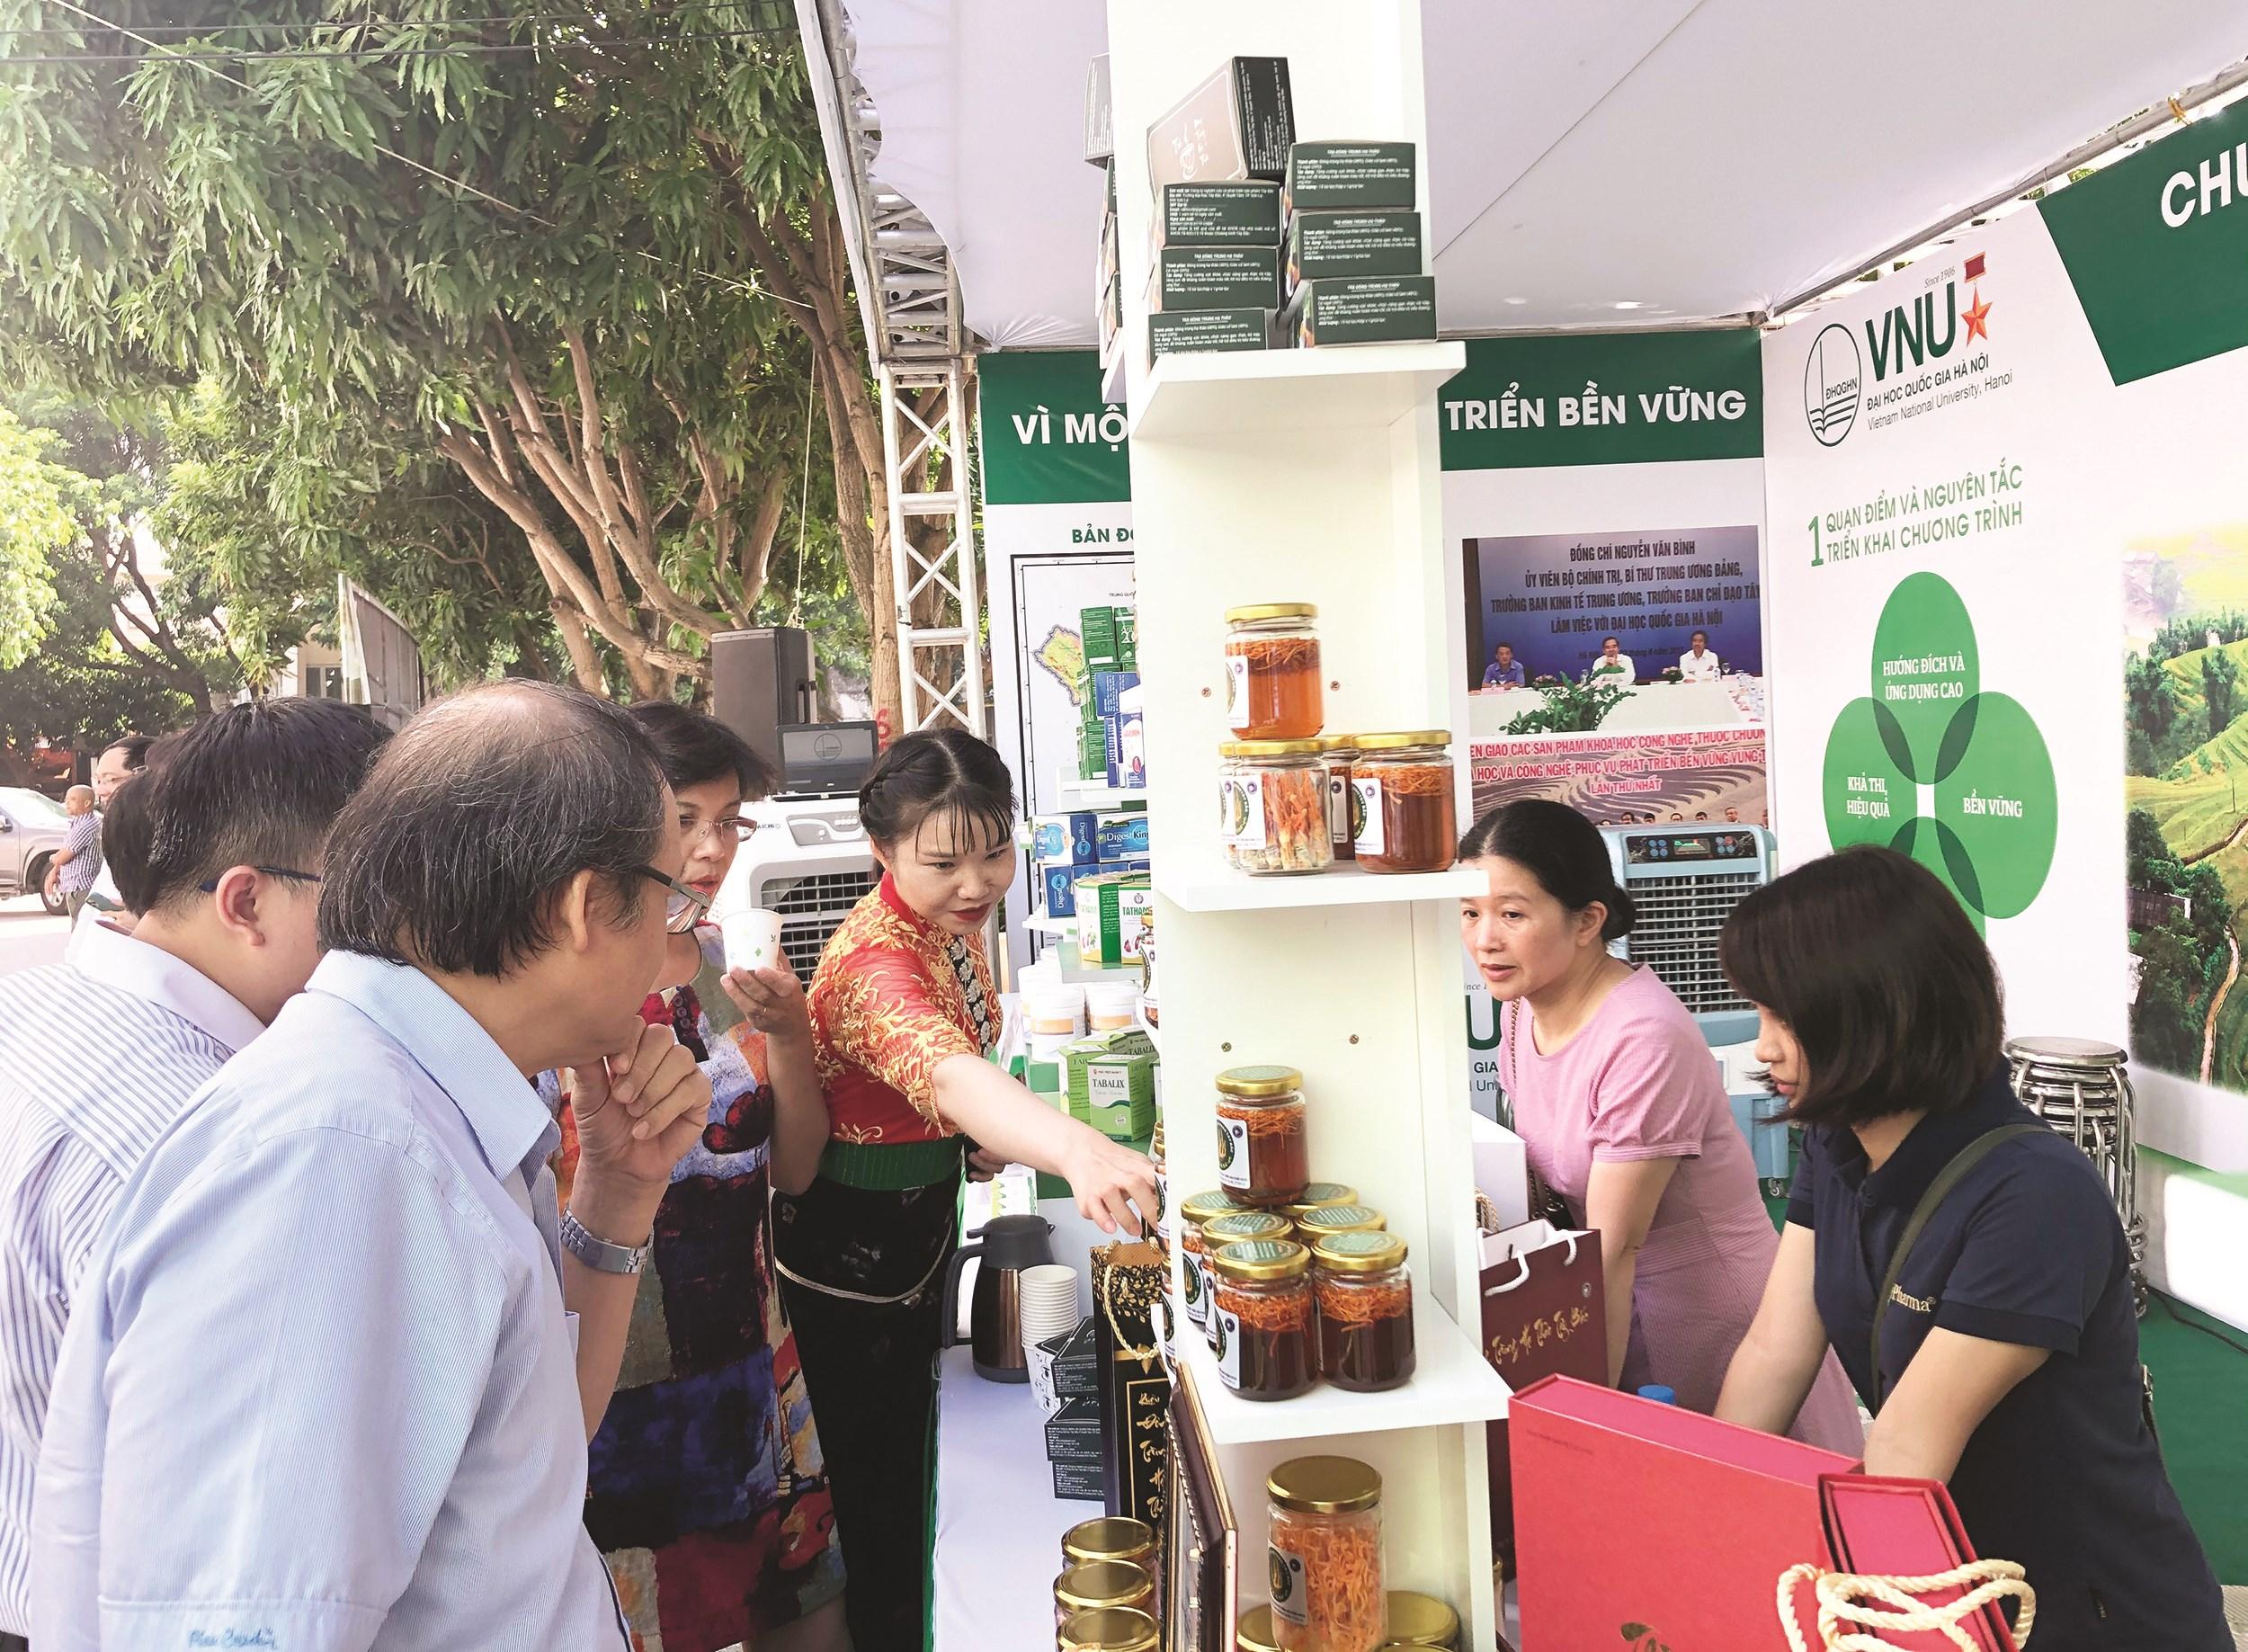 Sản phẩm KHCN được trưng bày tại Hội nghị Tổng kết Chương trình vào tháng 7/2020.